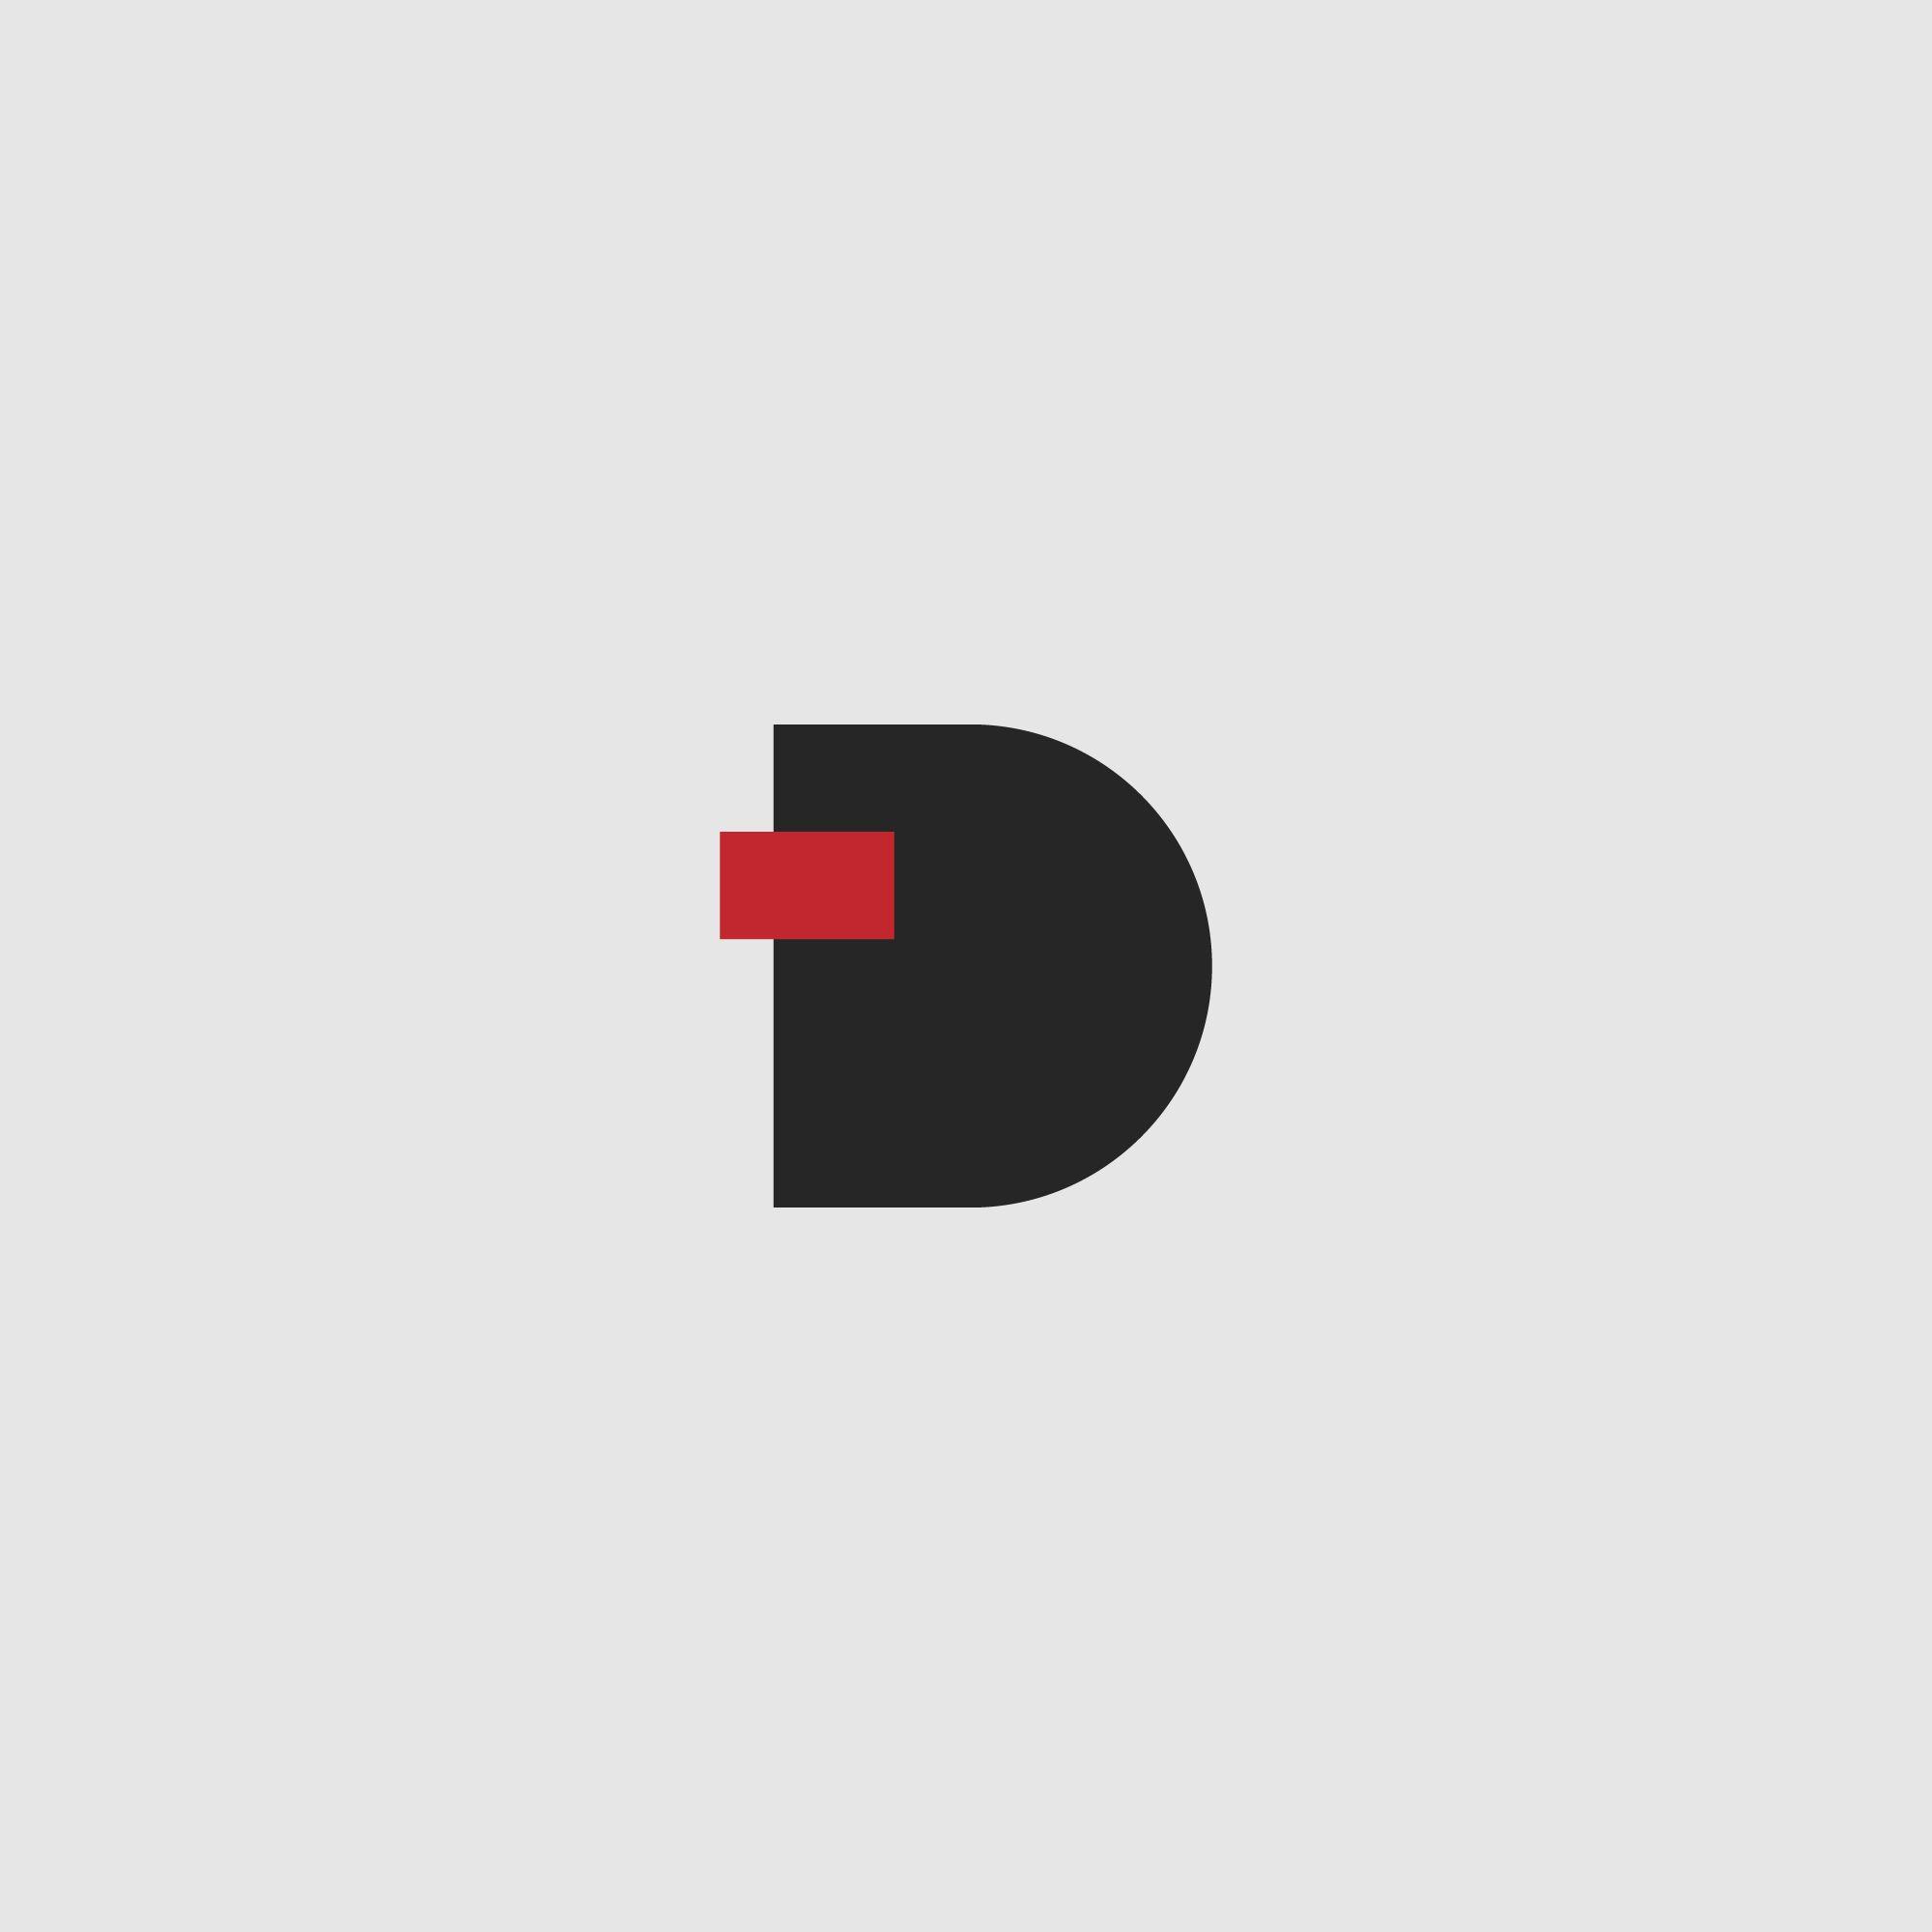 Лого и фирменный стиль для iD Такси - дизайнер SANITARLESA